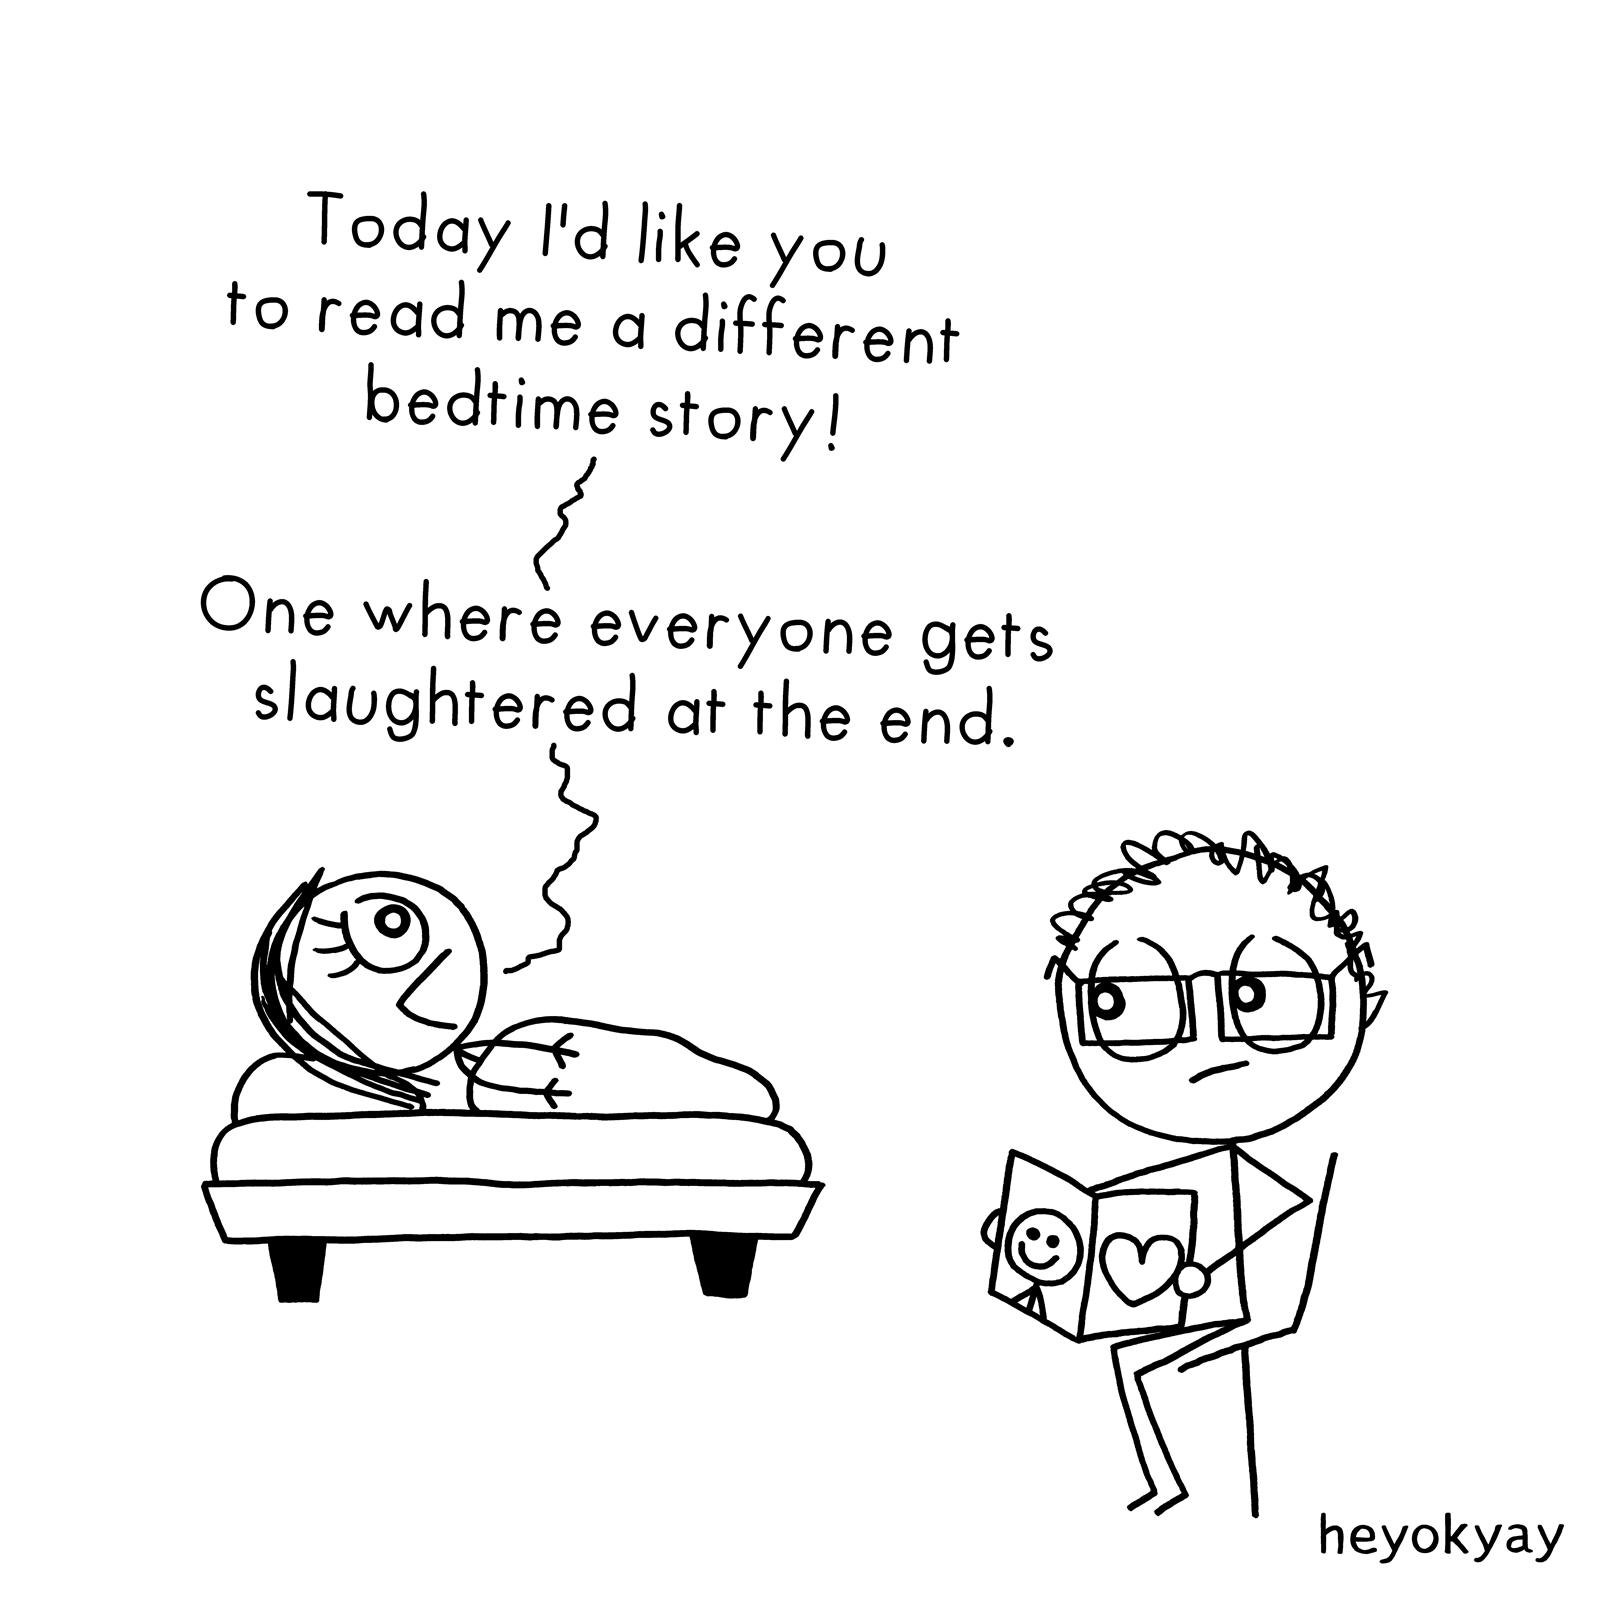 Bedtime Story heyokyay comic